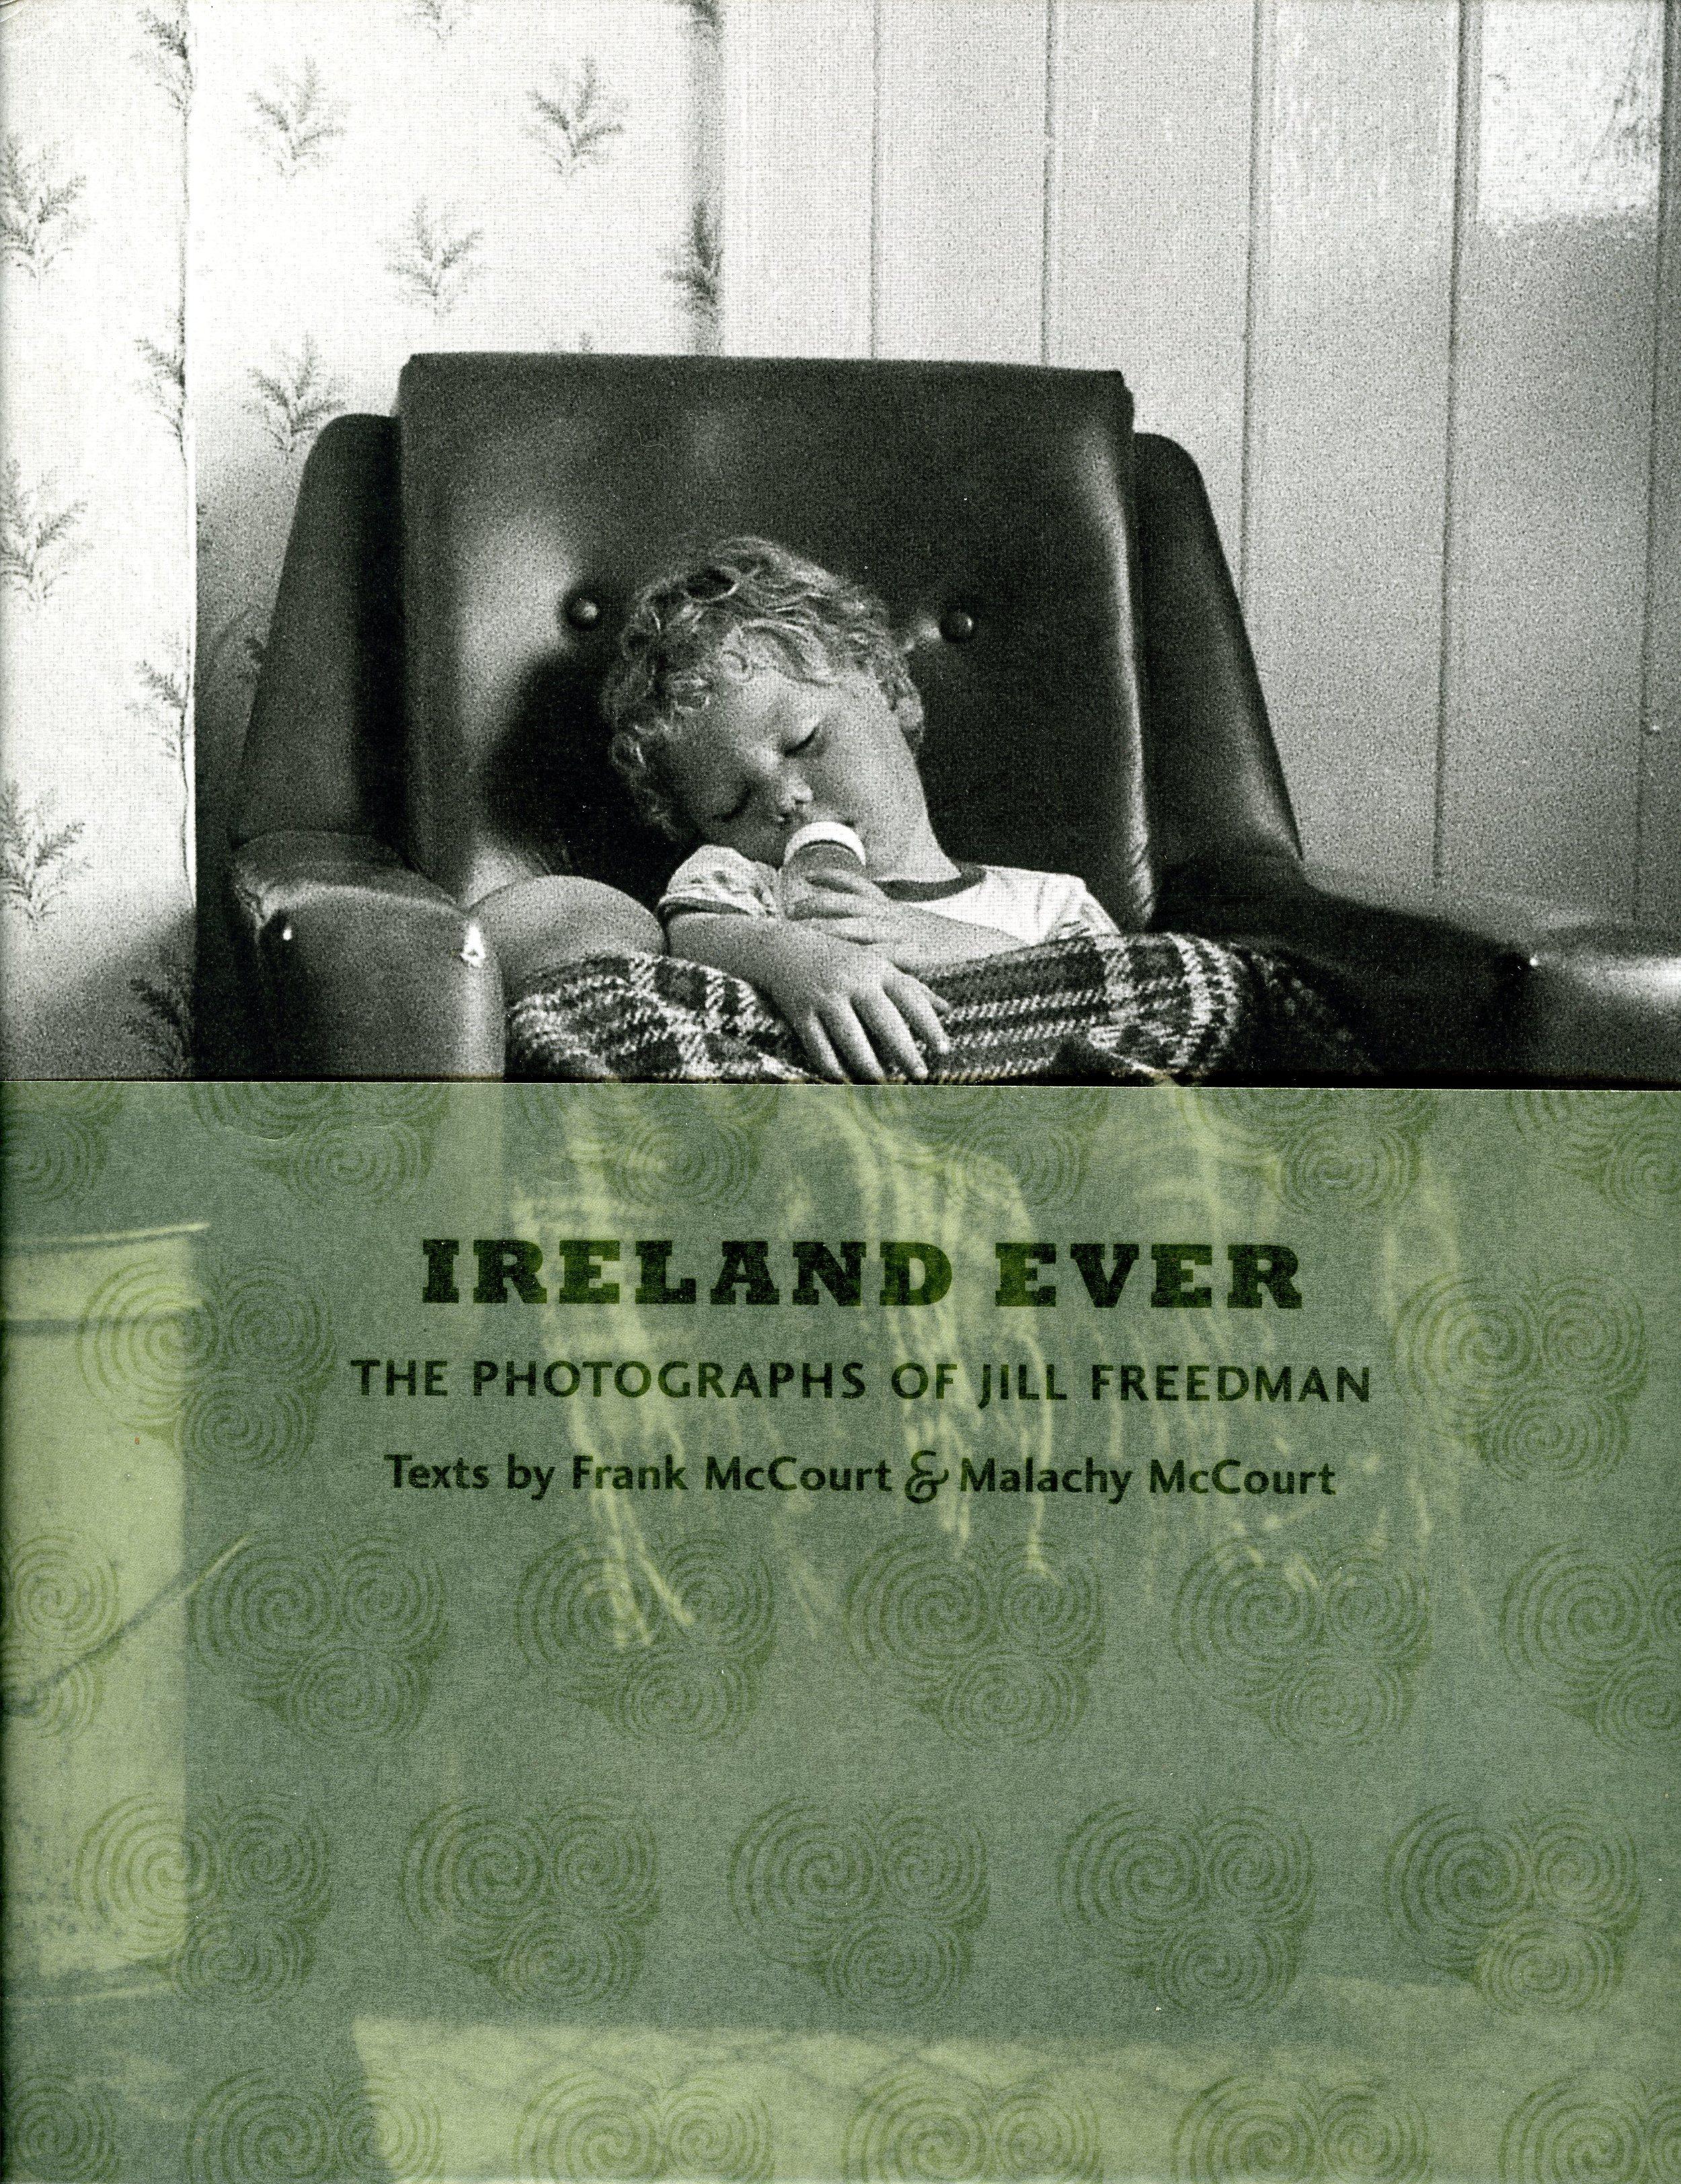 Ireland Ever